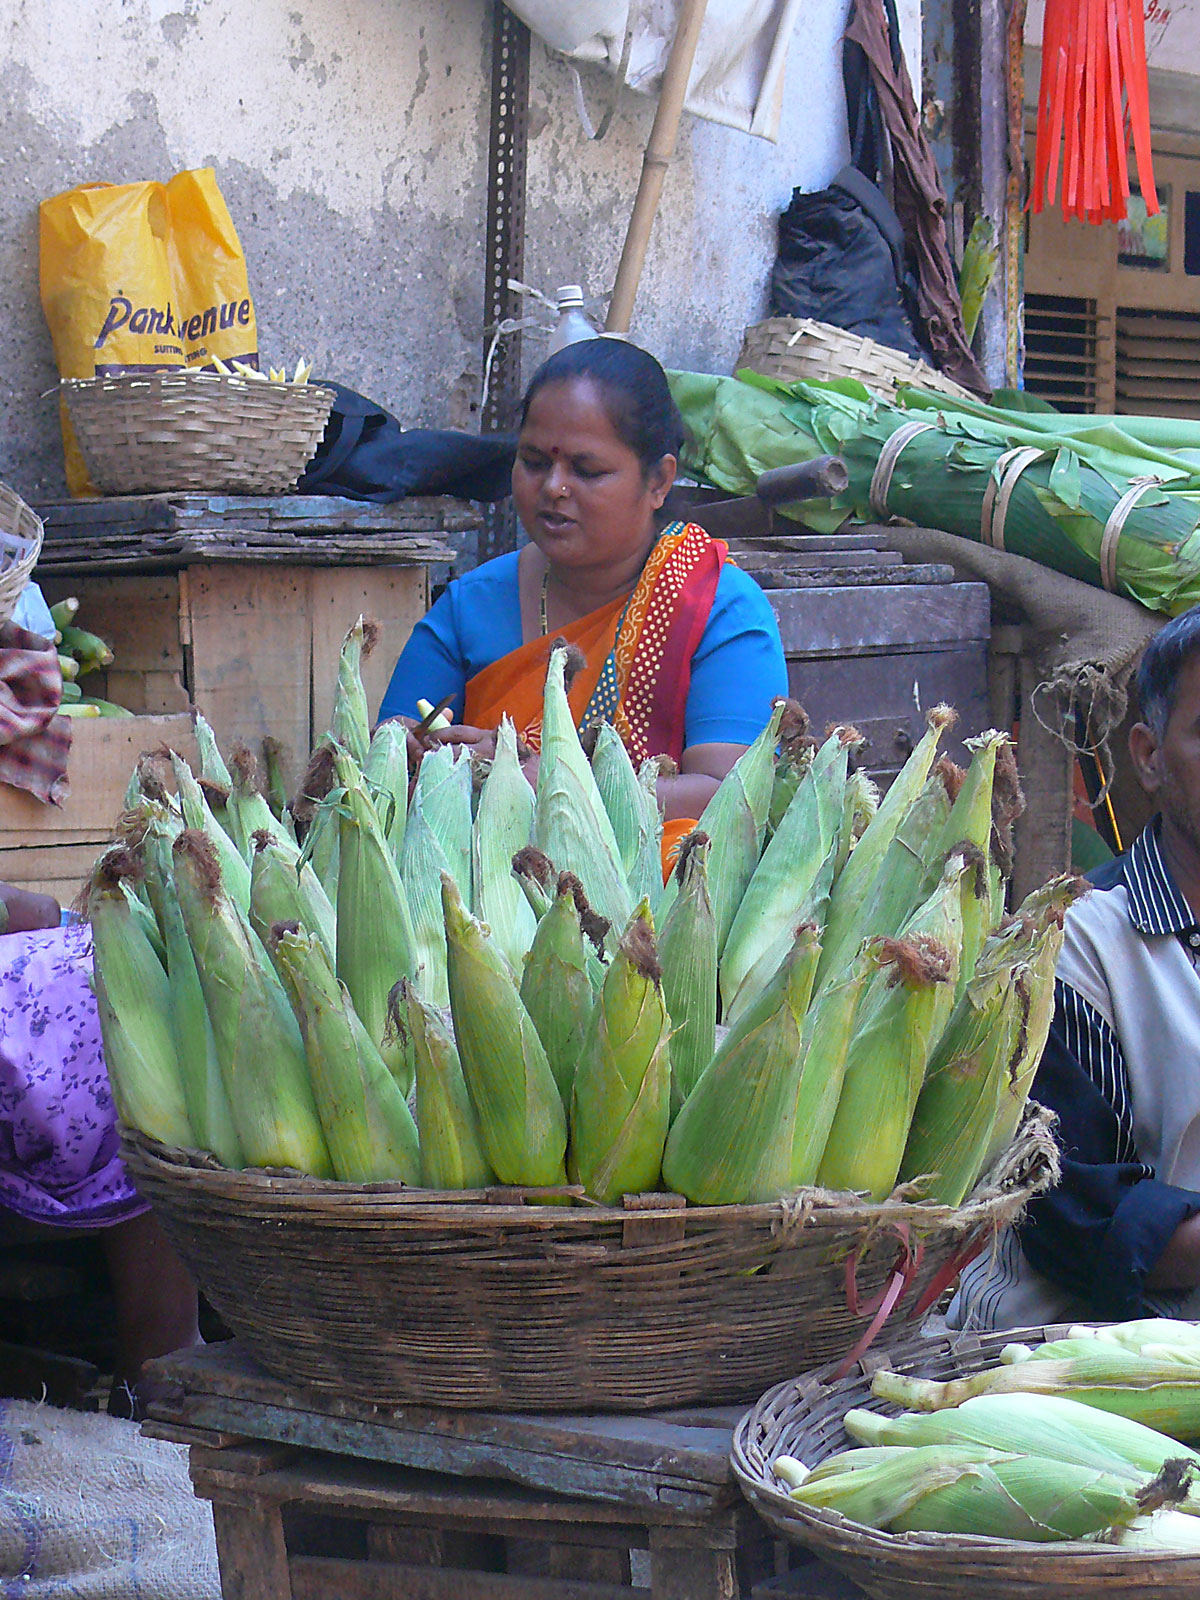 INDIEN MUMBAI Menschen Wohnen FINEST-onTour P1030468.jpg